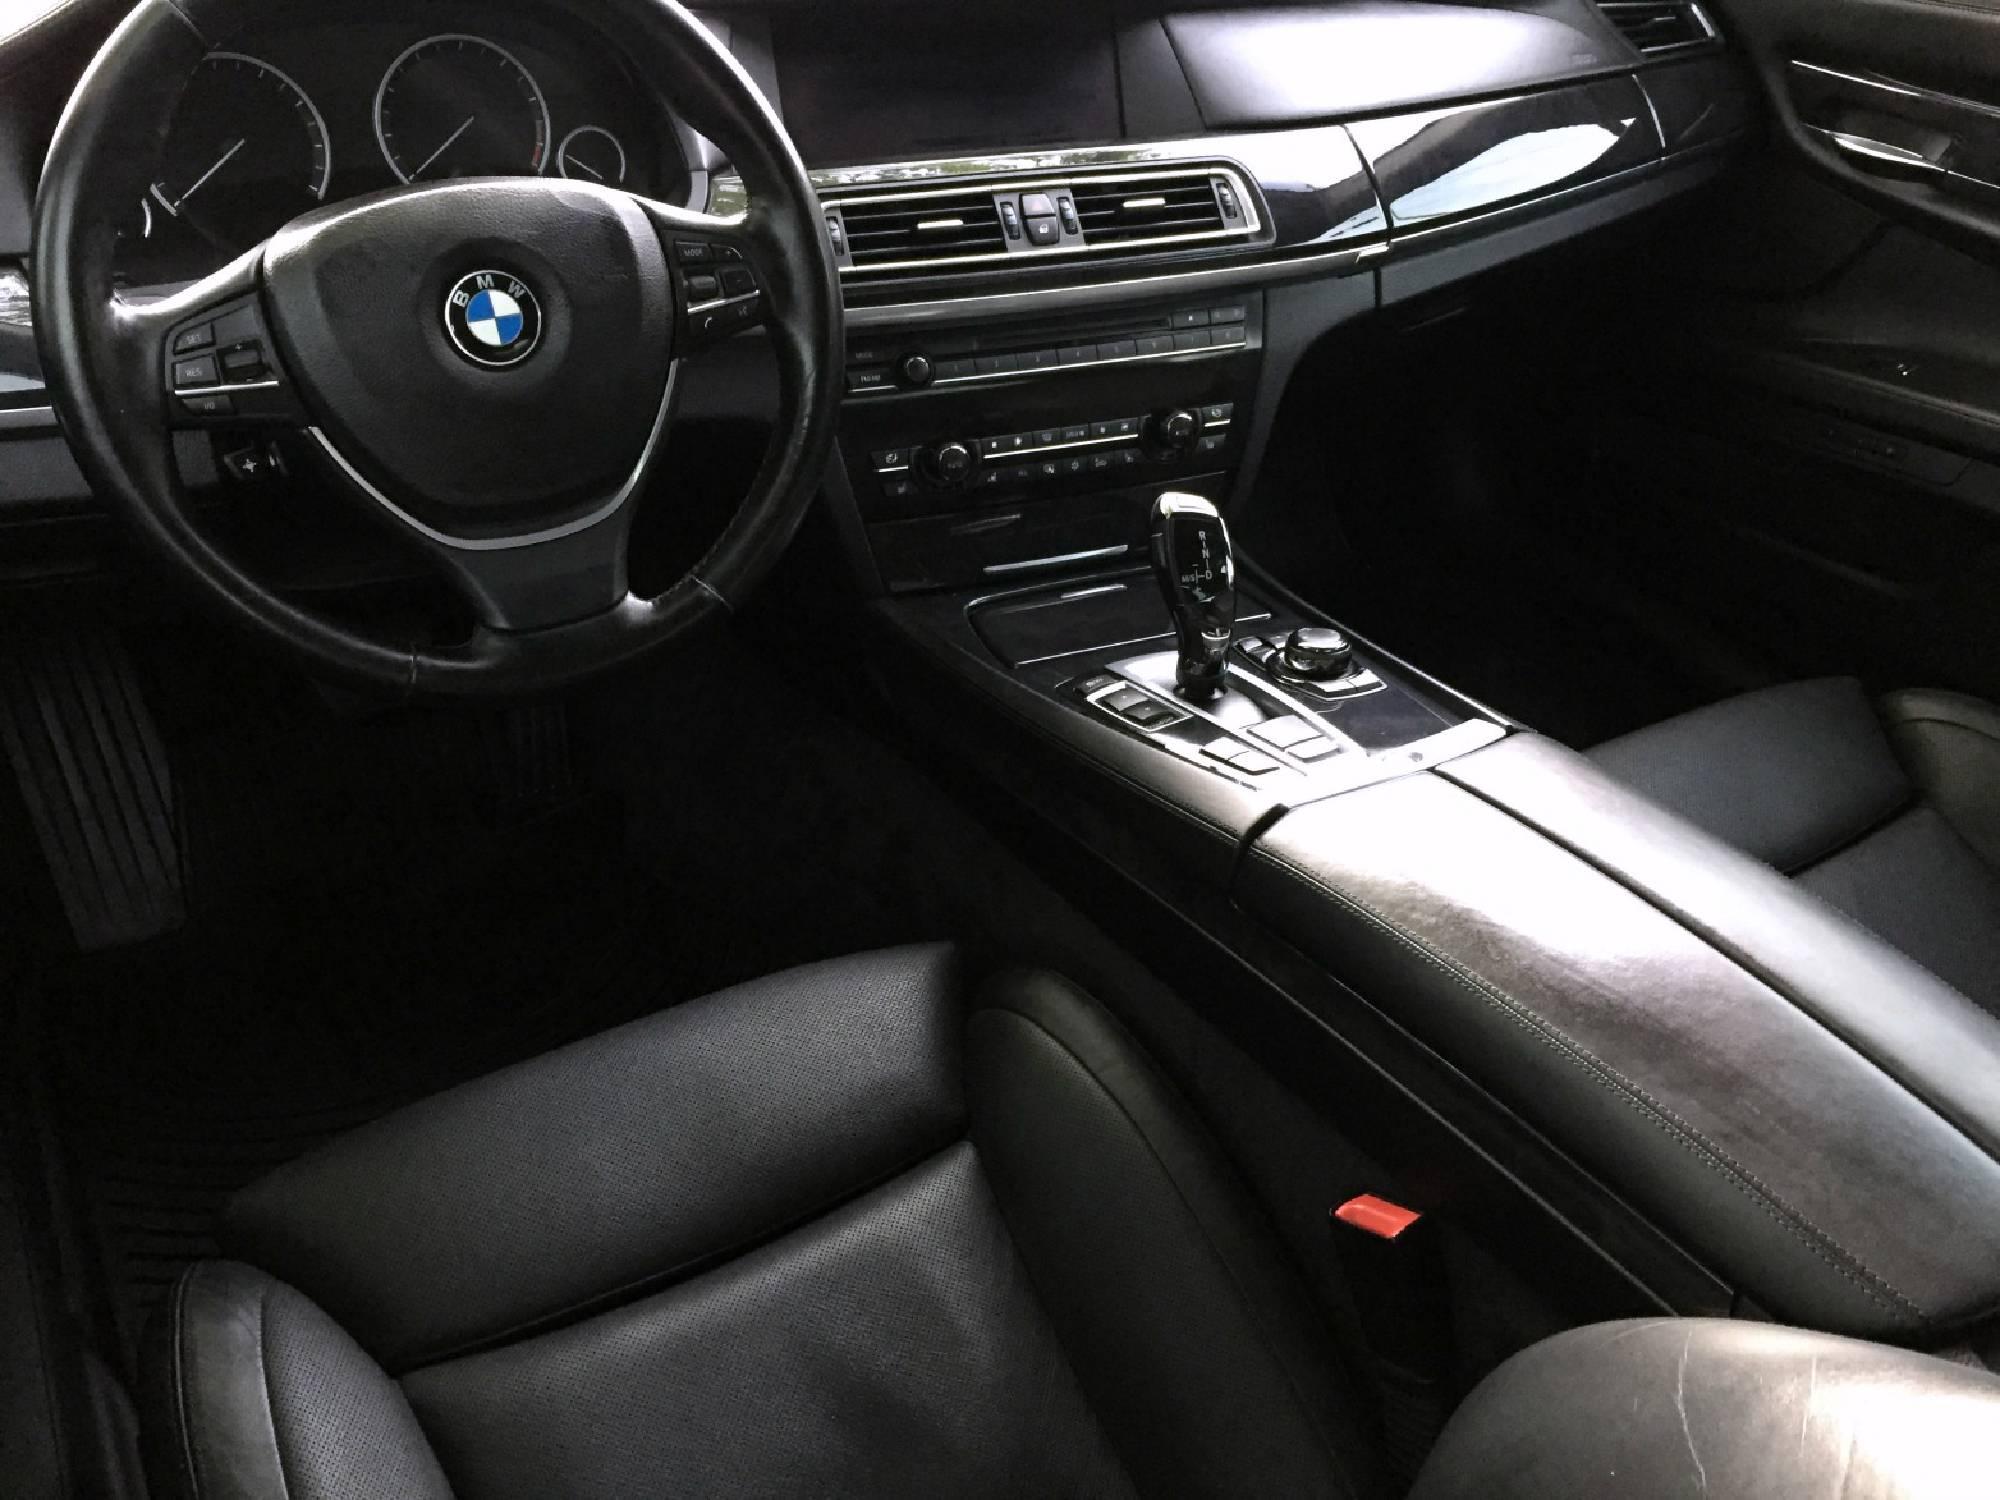 Car Detailing Florence Ky Mobile Detailing Service